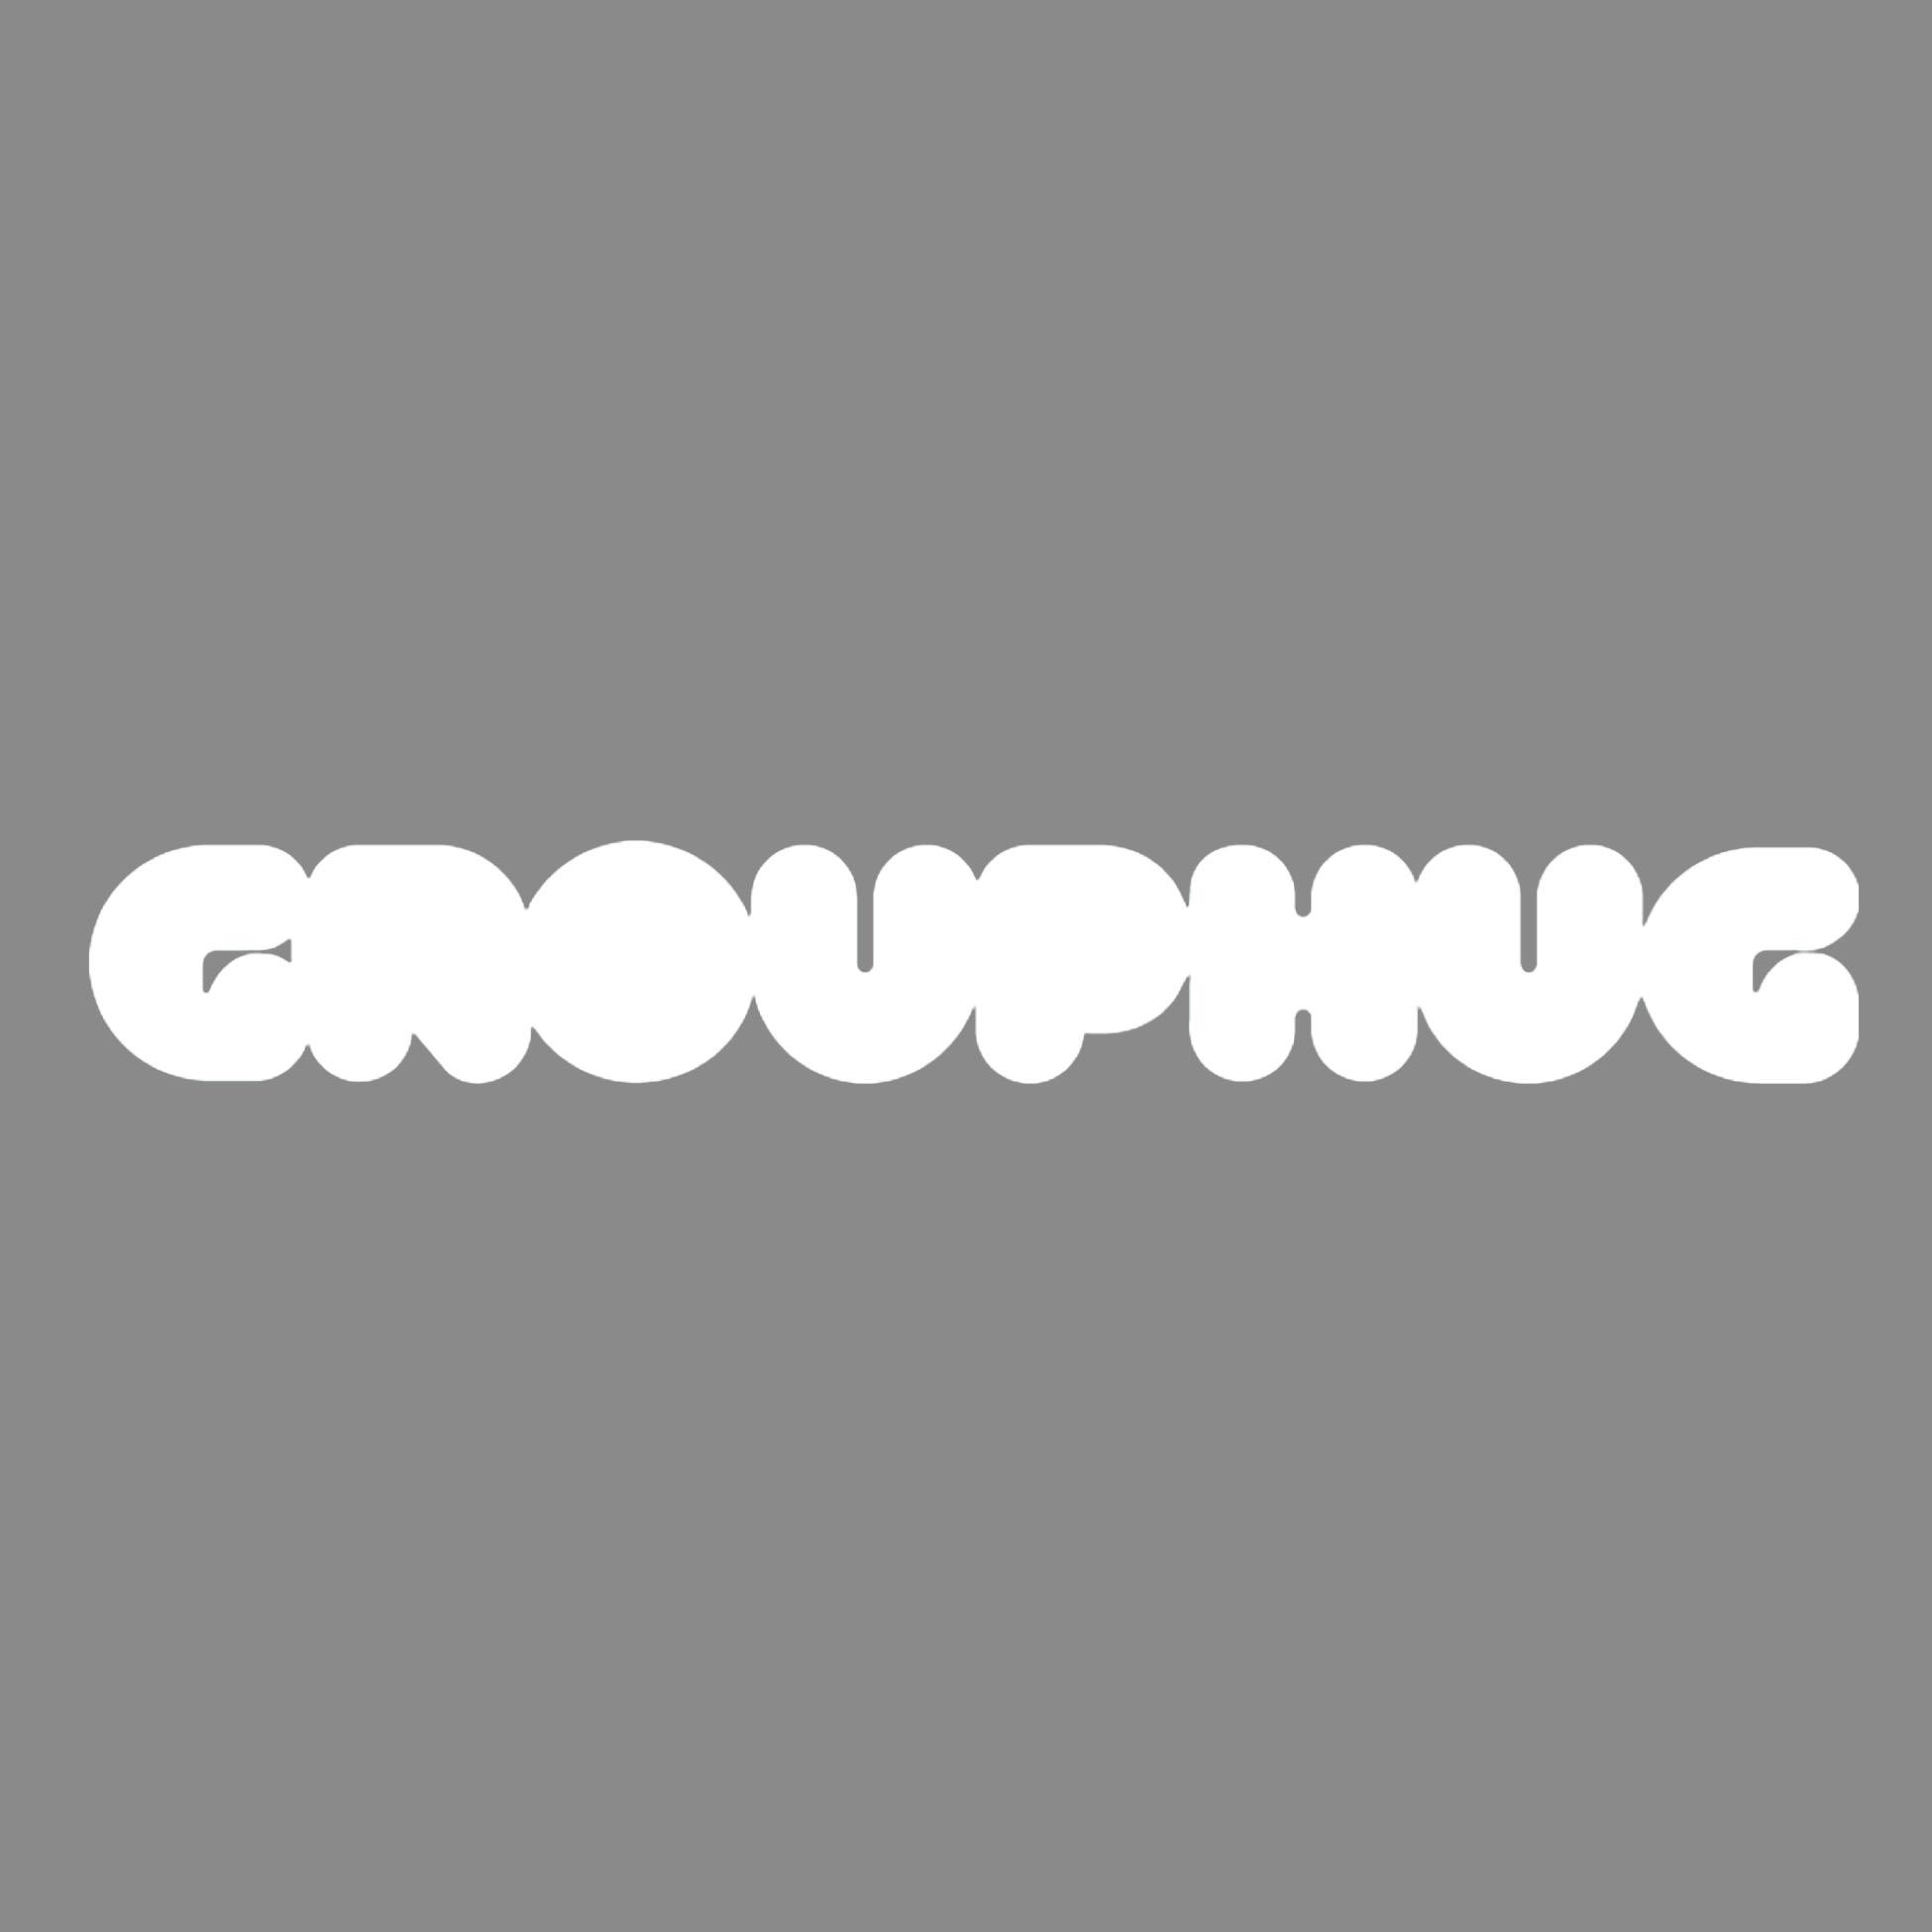 Grouphug_USE.jpg